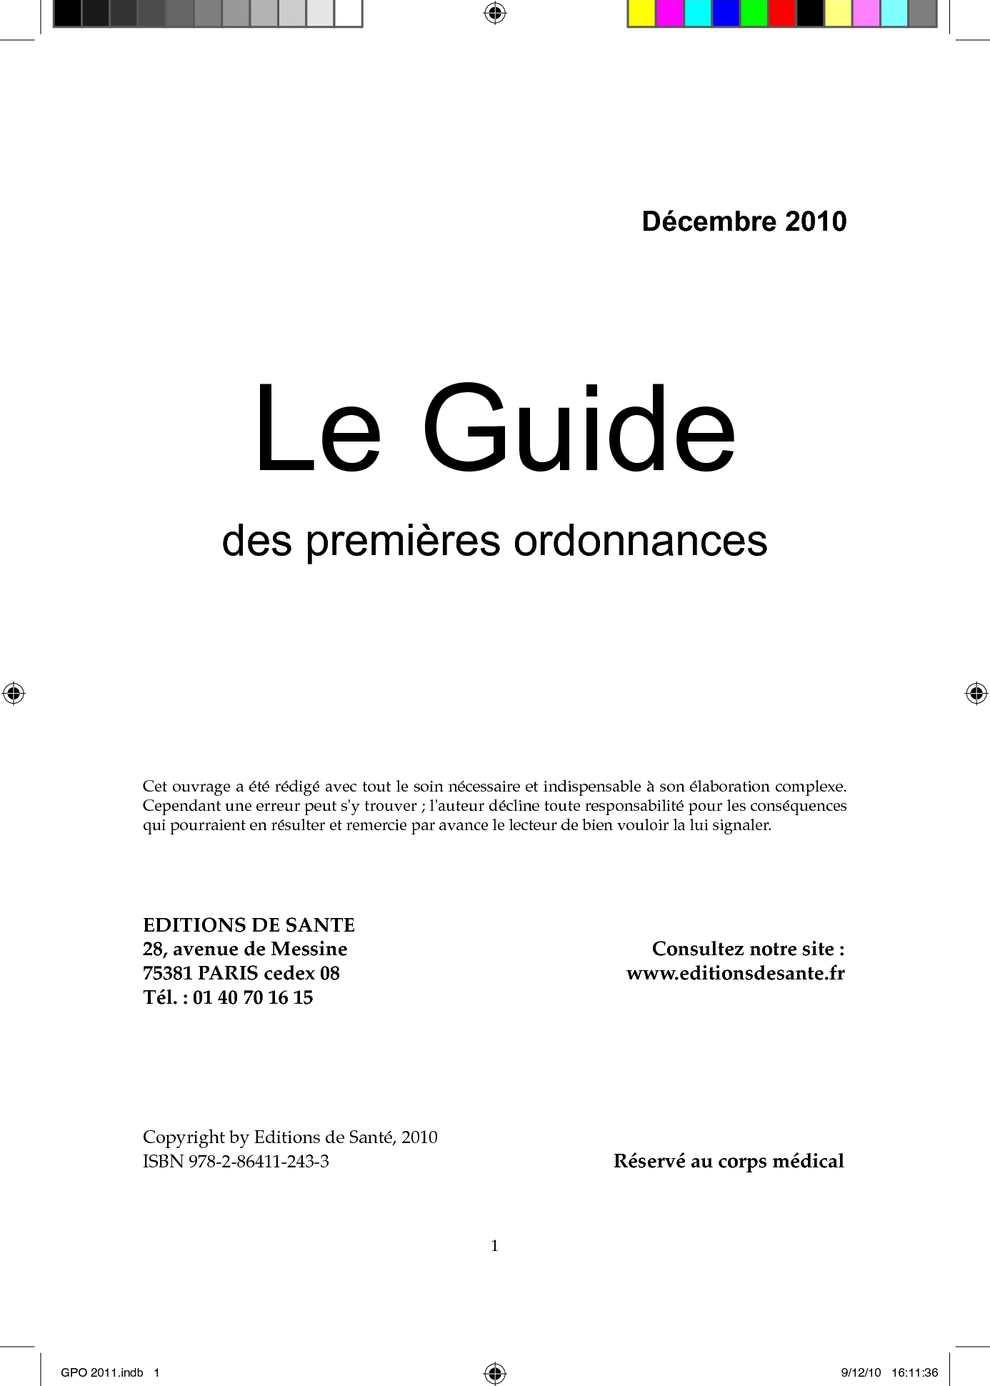 Calaméo - Guide des premieres ordonnances bac33d031aea